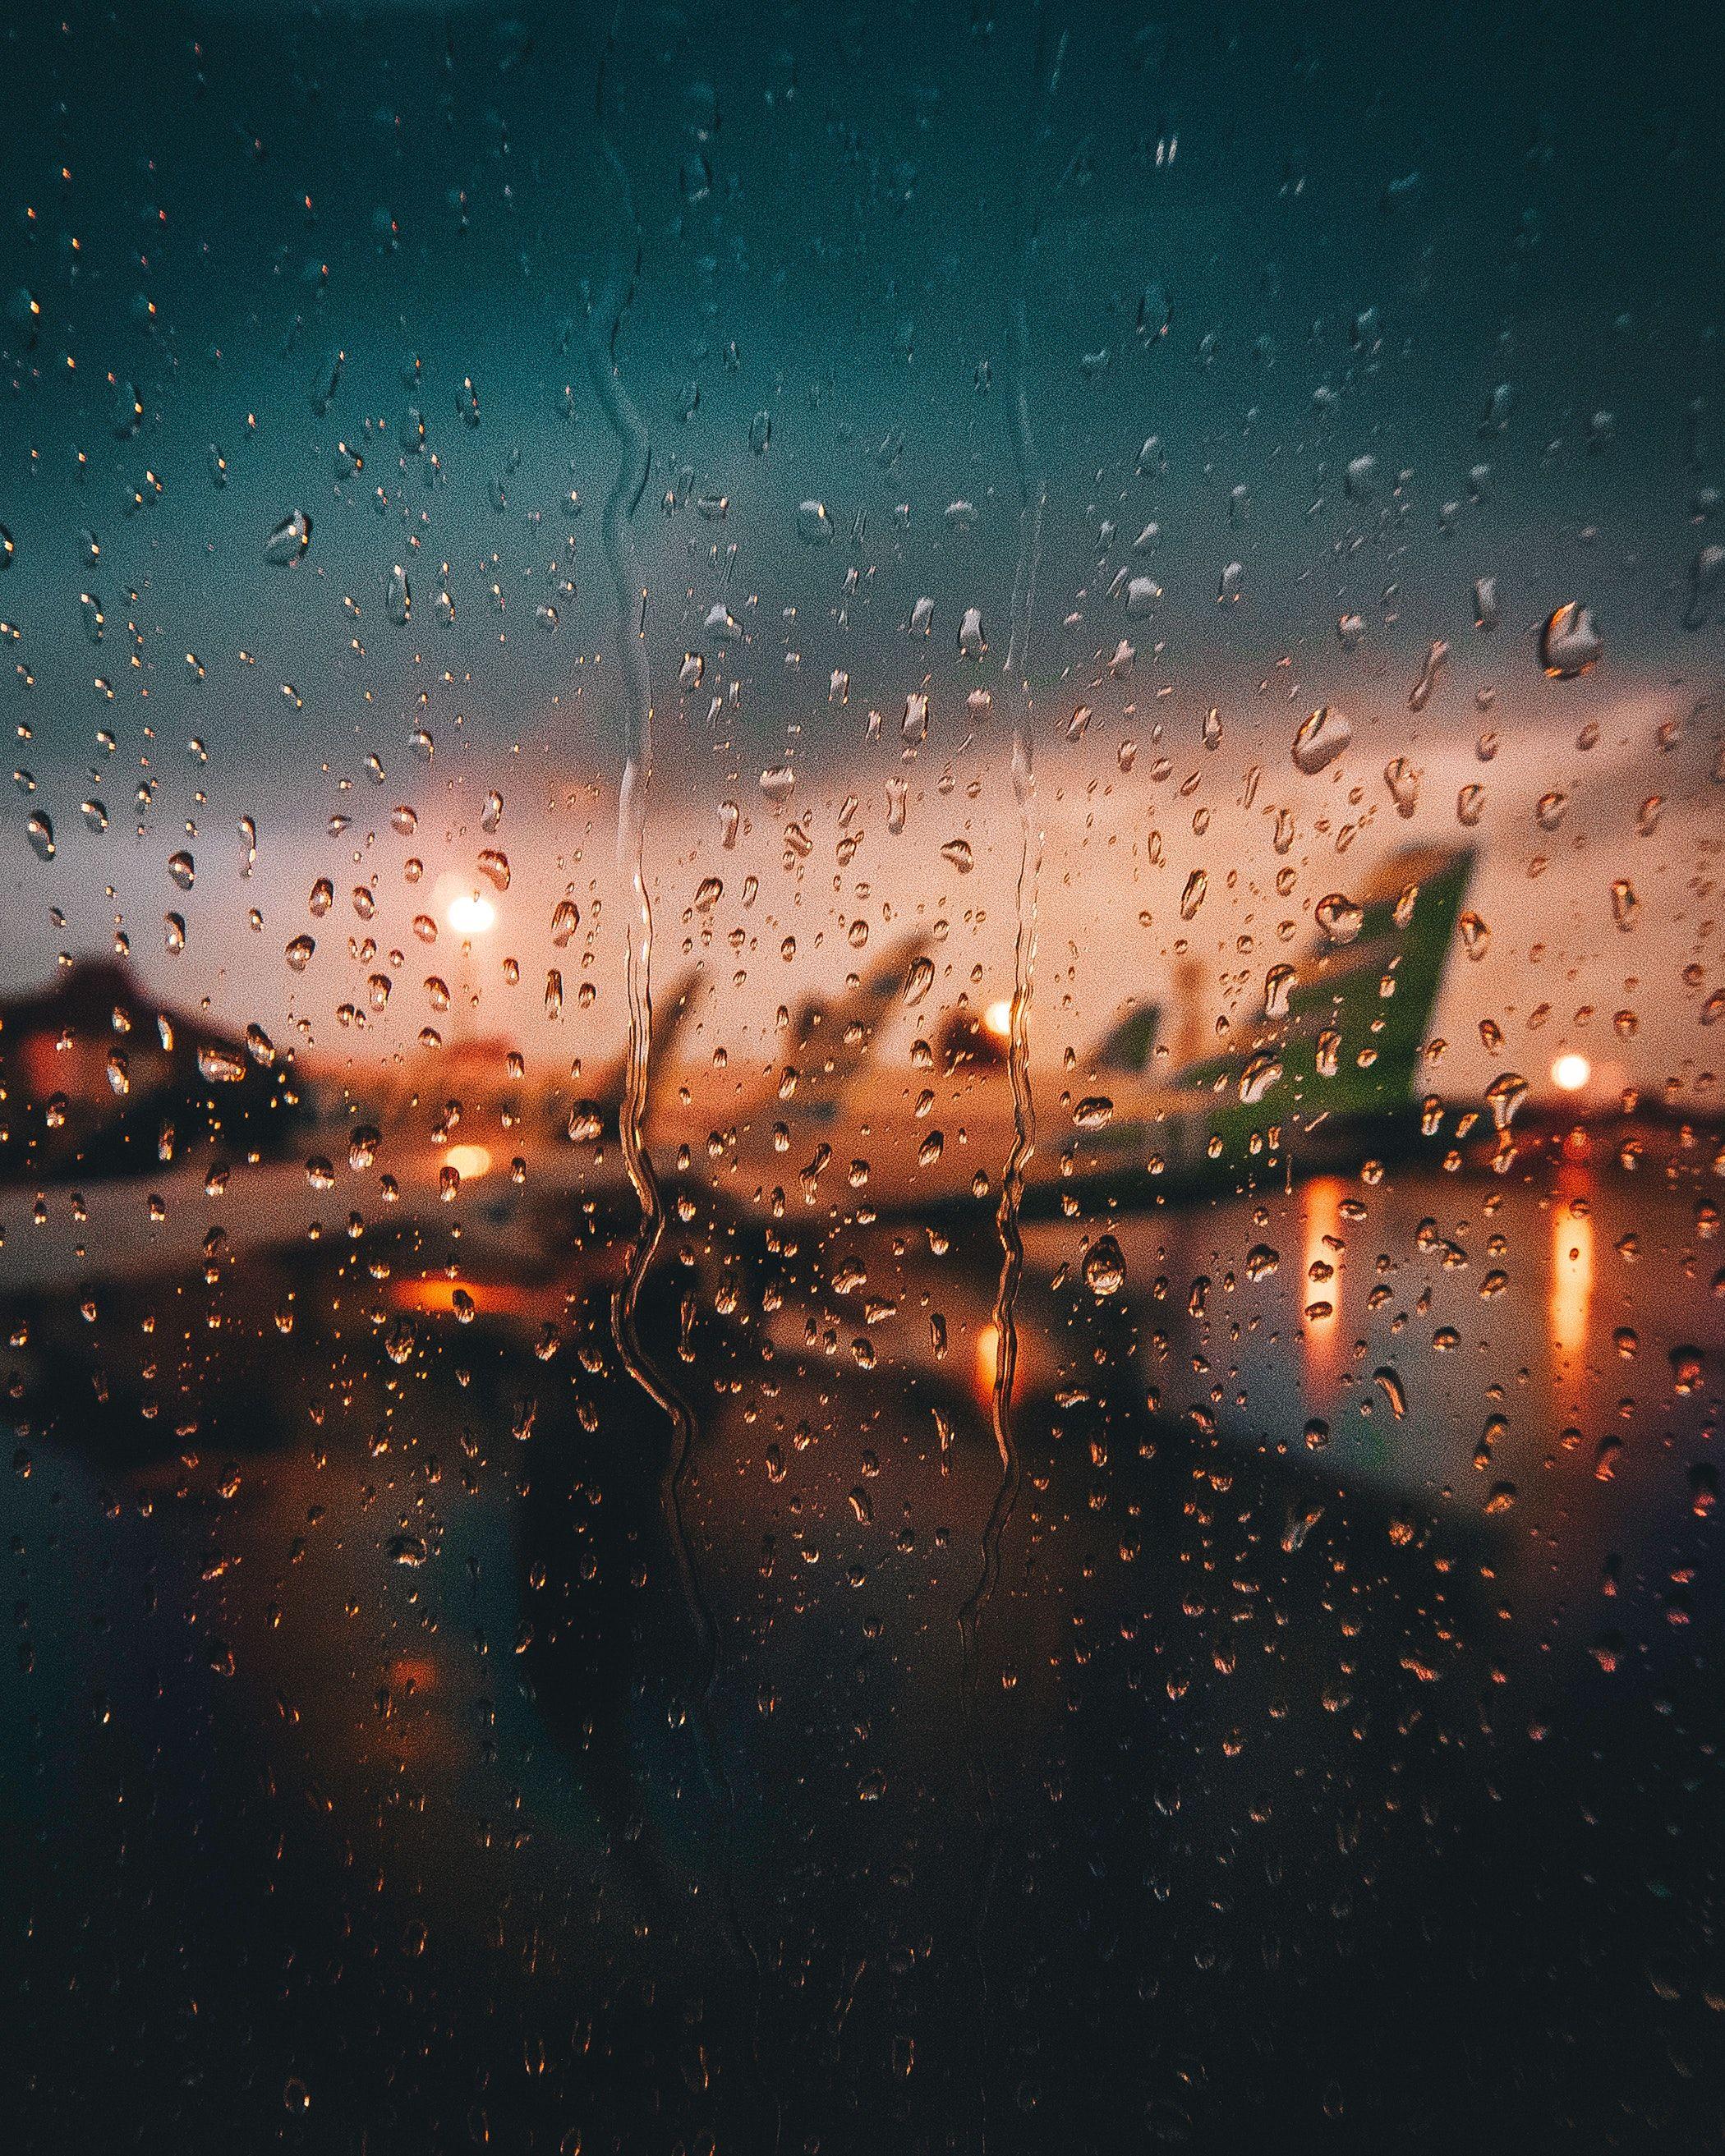 Photo By Adhitya Andanu Rainy Wallpaper Iphone Rainy Day